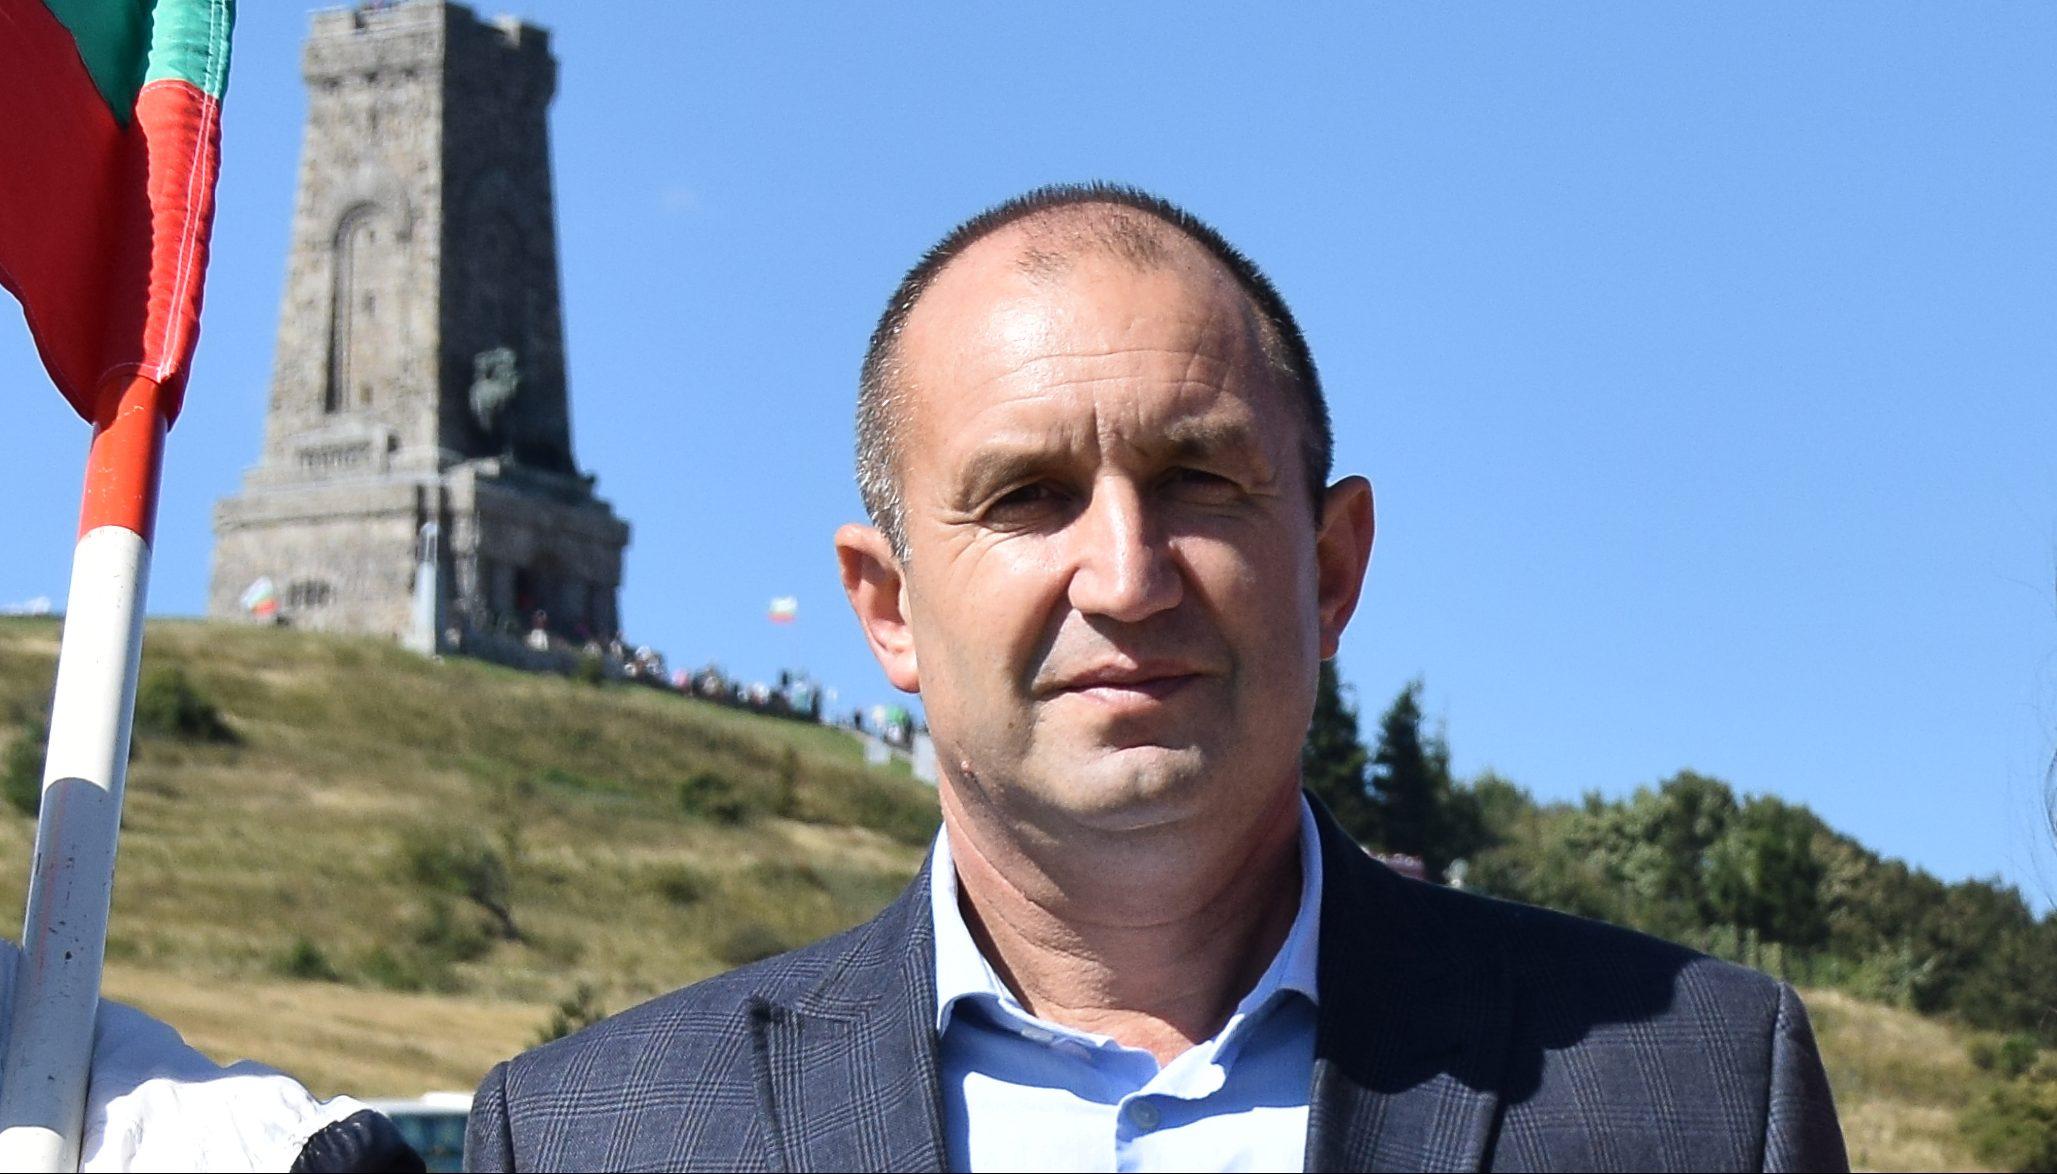 У мемориала на Шипке генерал Радев говорил о вековых традициях болгаро-российского воинского братства.